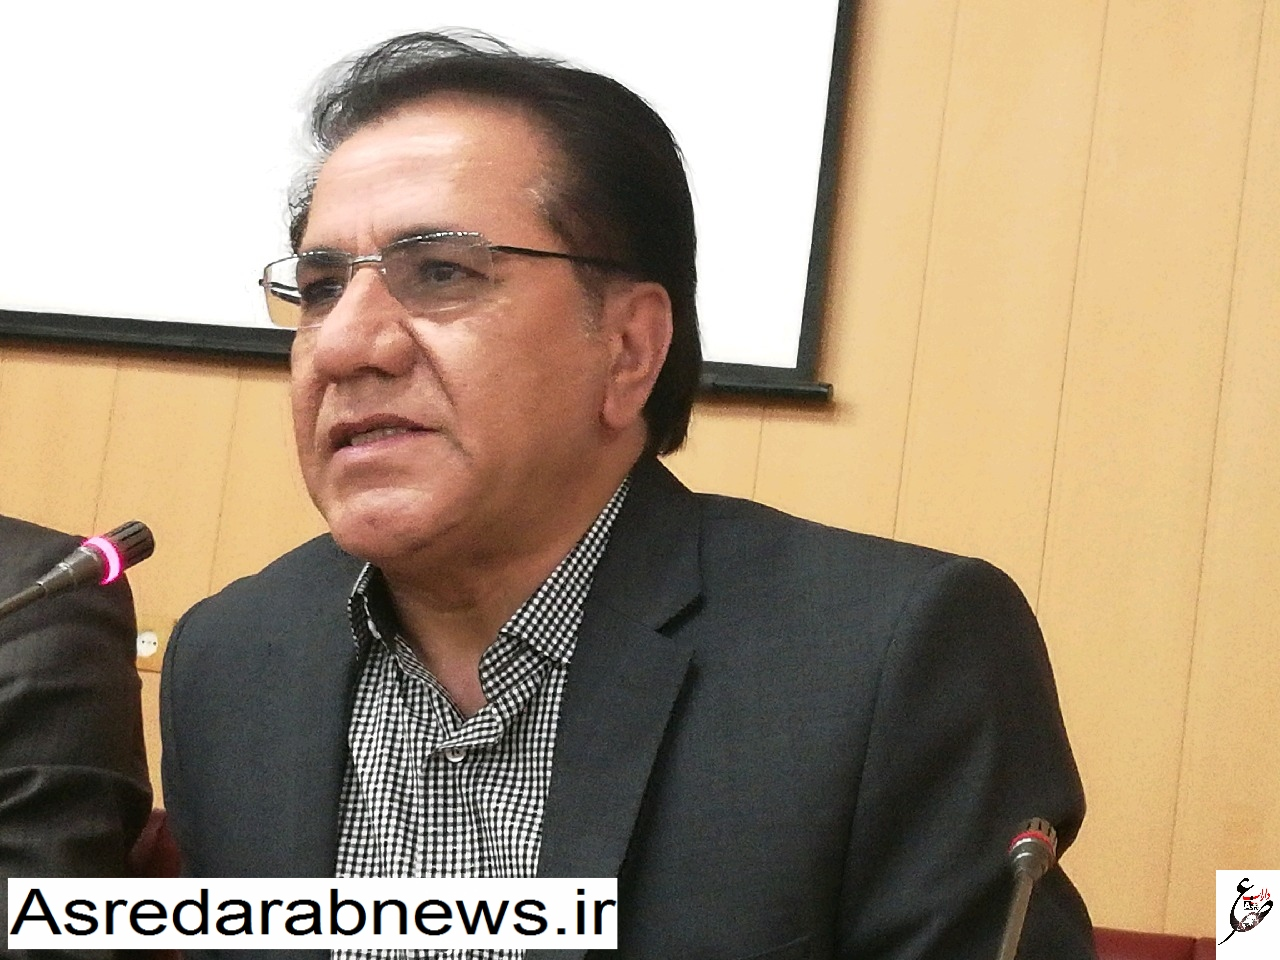 دکتر پژمان معاون بهبود تولیدات گیاهی سازمان جهاد کشاورزی استان فارس: داراب ویترین تولیدات کشاورزی فارس است